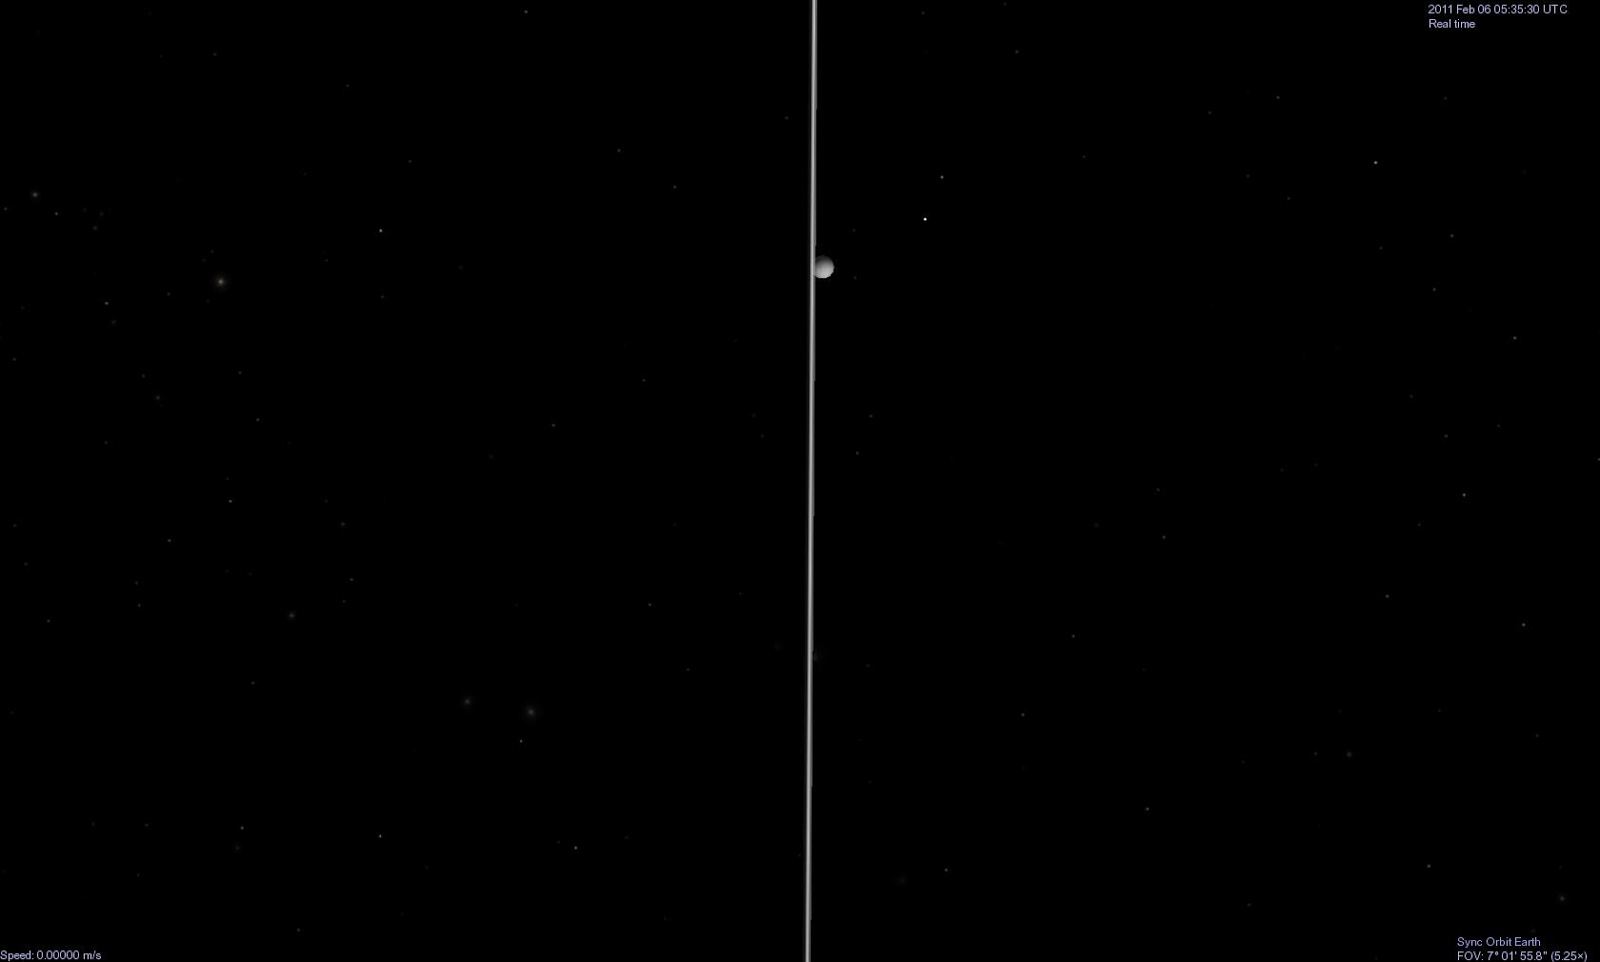 Mặt Trăng của Trái Đất cùng vành đai của hành tinh Thổ khi nhìn từ ngoài không gian. Tác giả : John Brady ở Astronomy Central trên mạng xã hội Reddit.